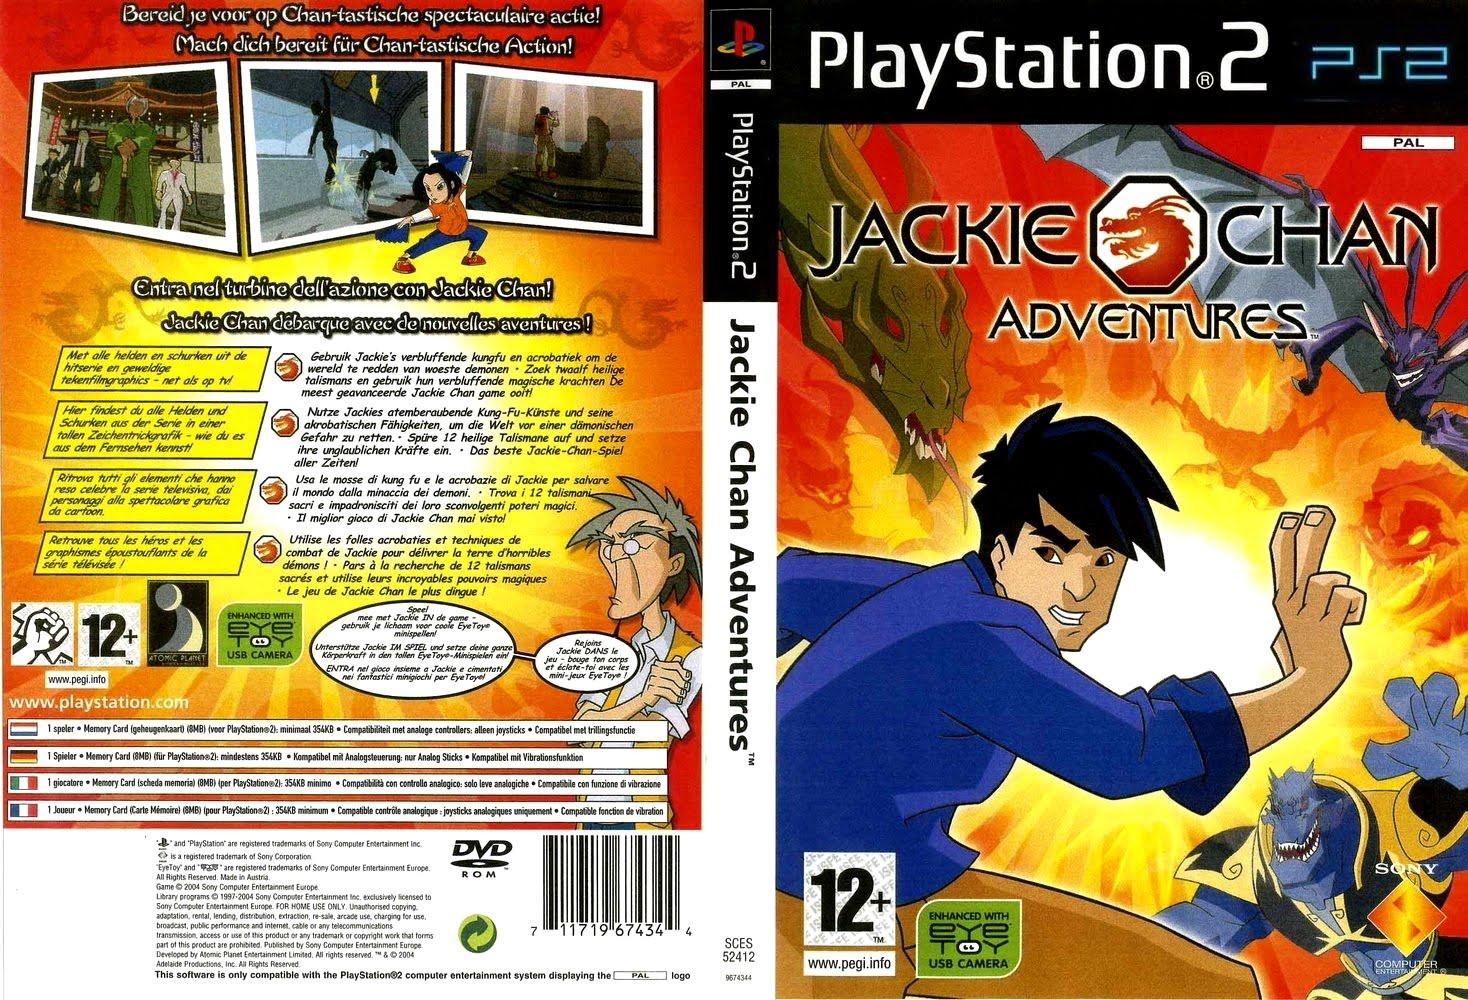 ジャッキー・チェン・アドベンチャー/Jackie Chan Adventures(2000)-TVシリーズ